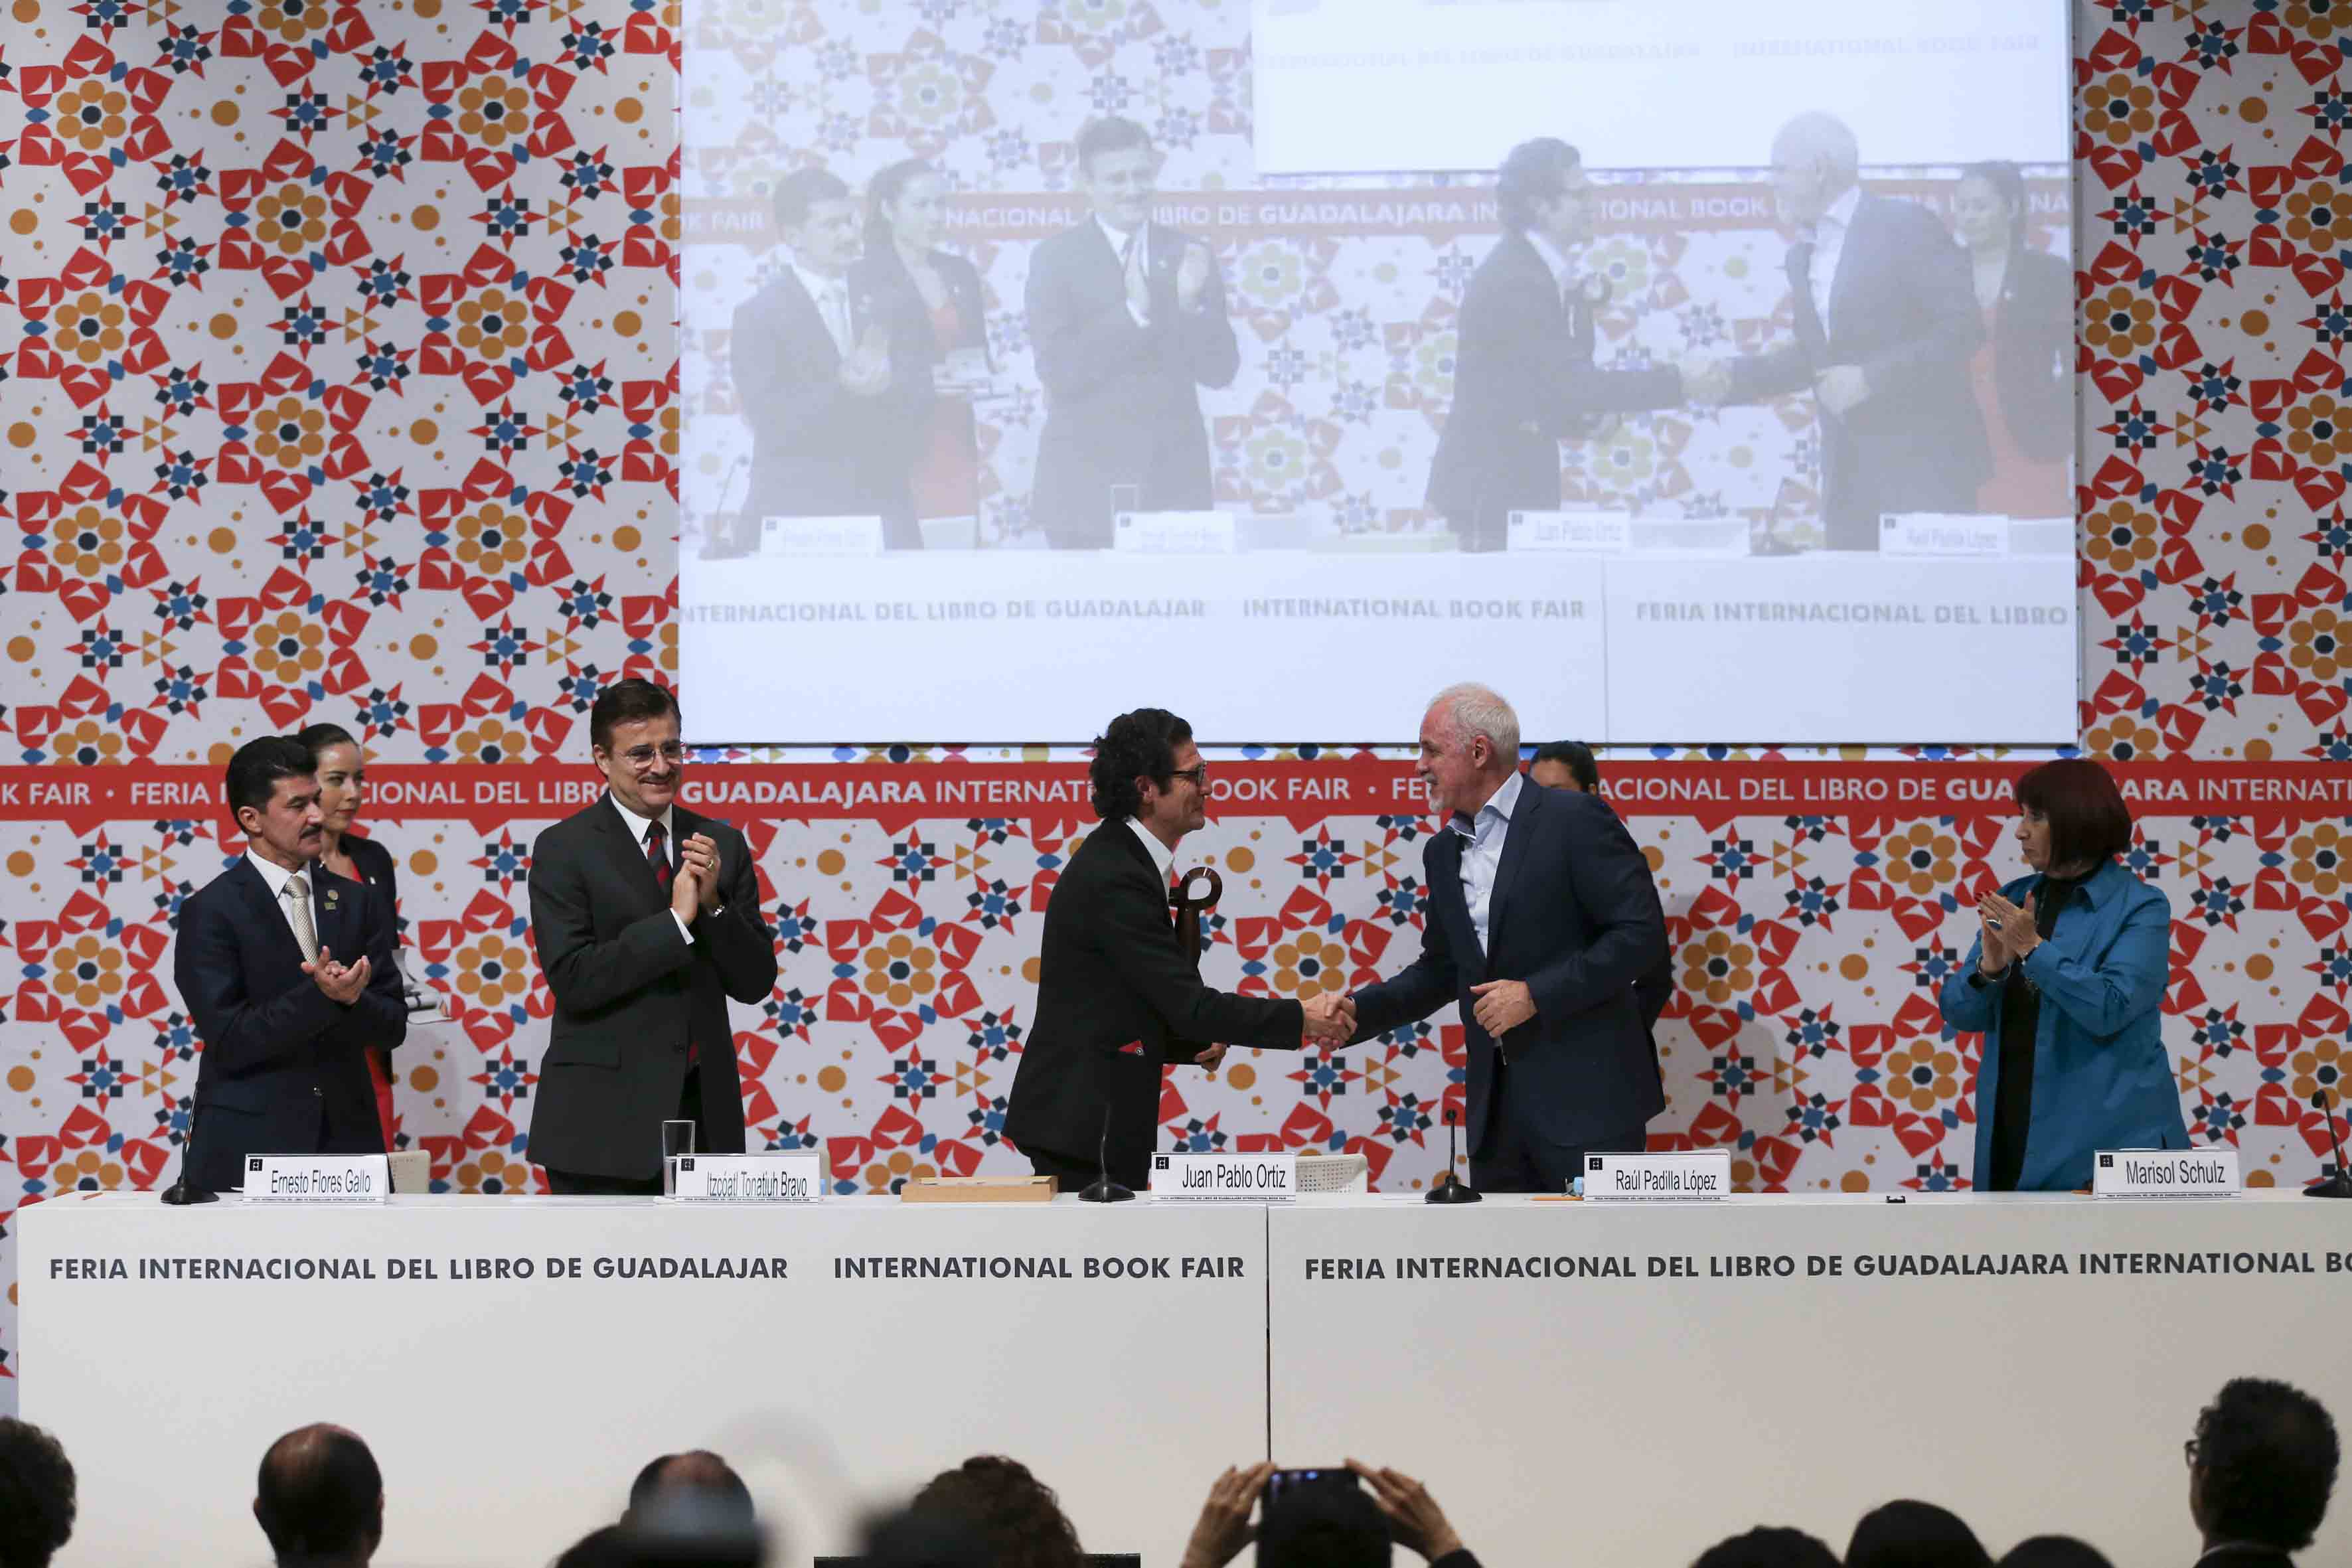 Licenciado Raúl Padilla López, Presidente de la Feria Internacional del Libro, felicitando de mano al Arquitecto colombiano Juan Pablo Ortiz, por el merecido reconocimiento.